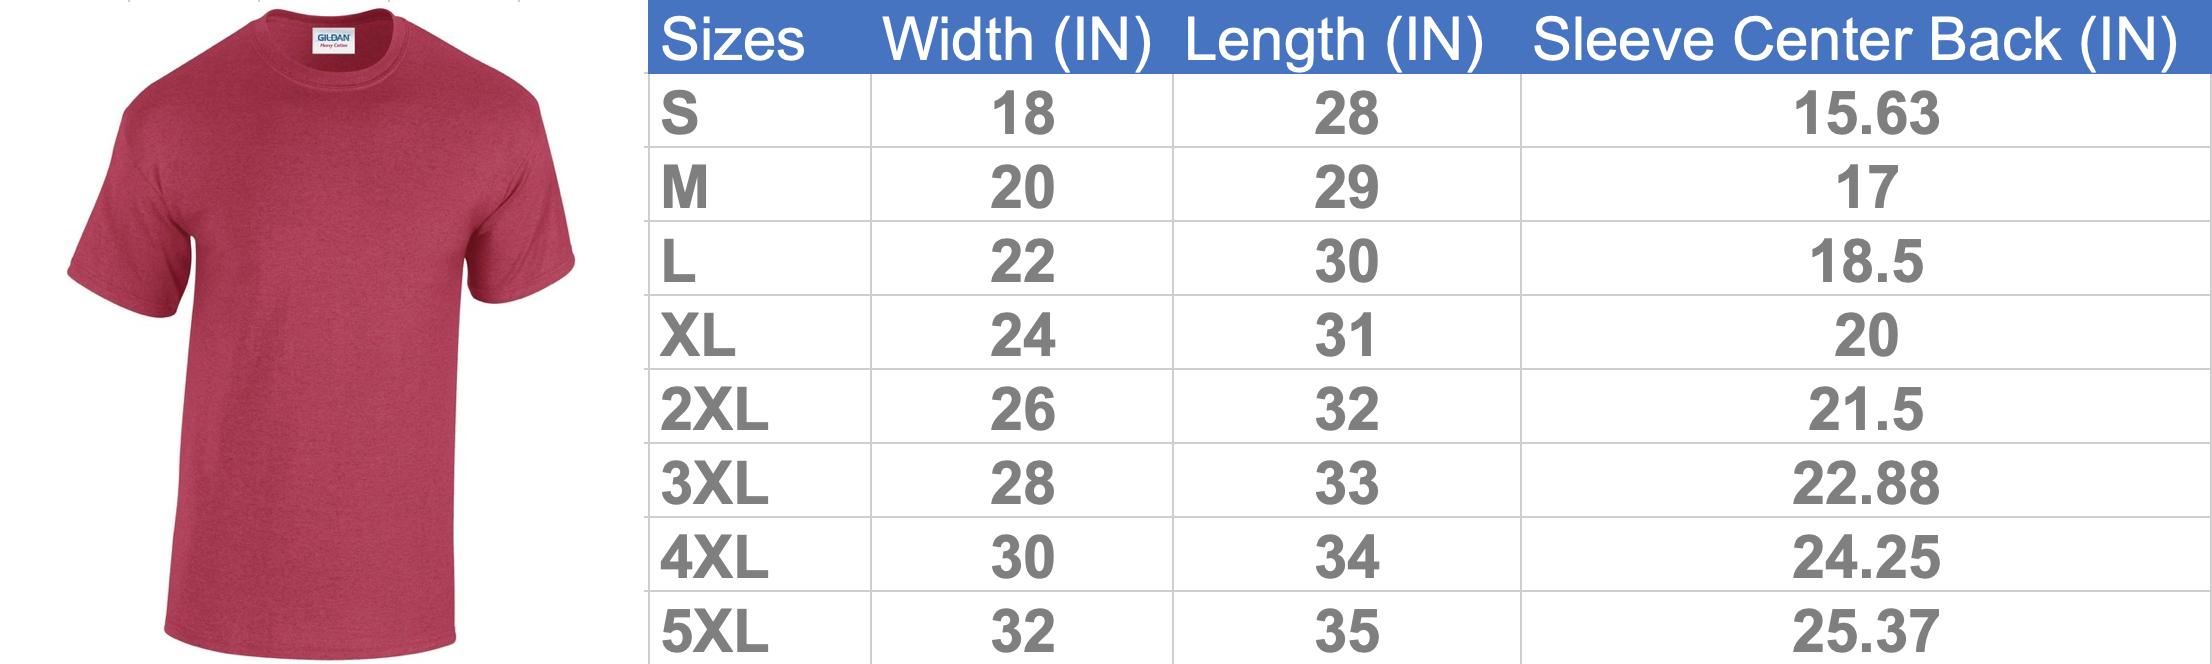 MotherProud Size Chart